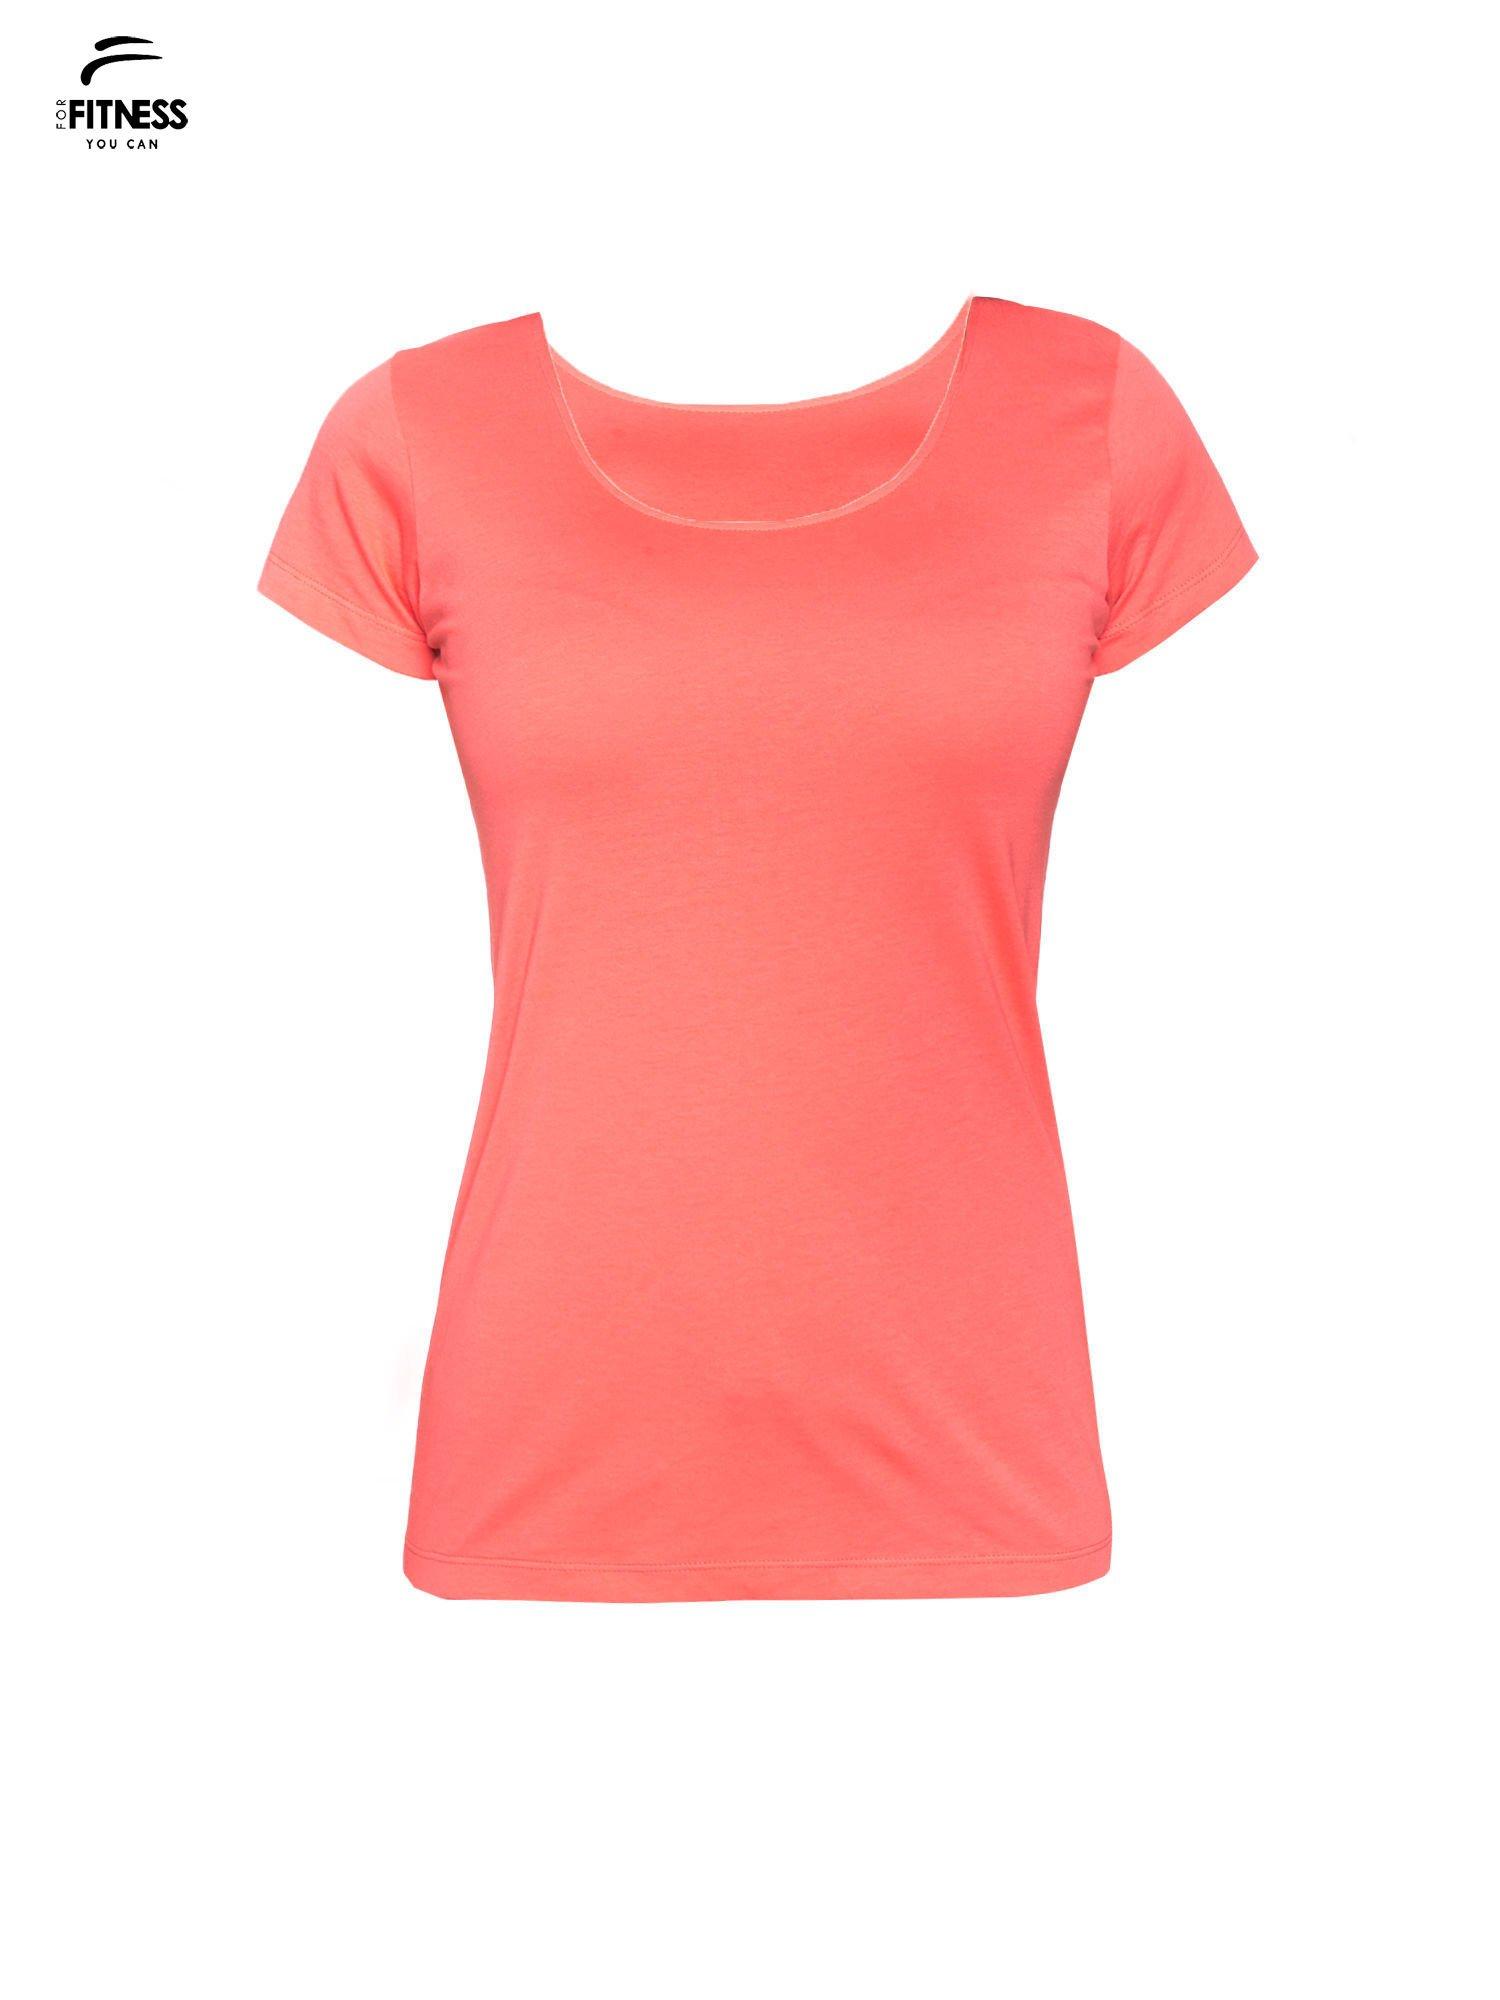 Koralowy bawełniany t-shirt damski typu basic                                  zdj.                                  2